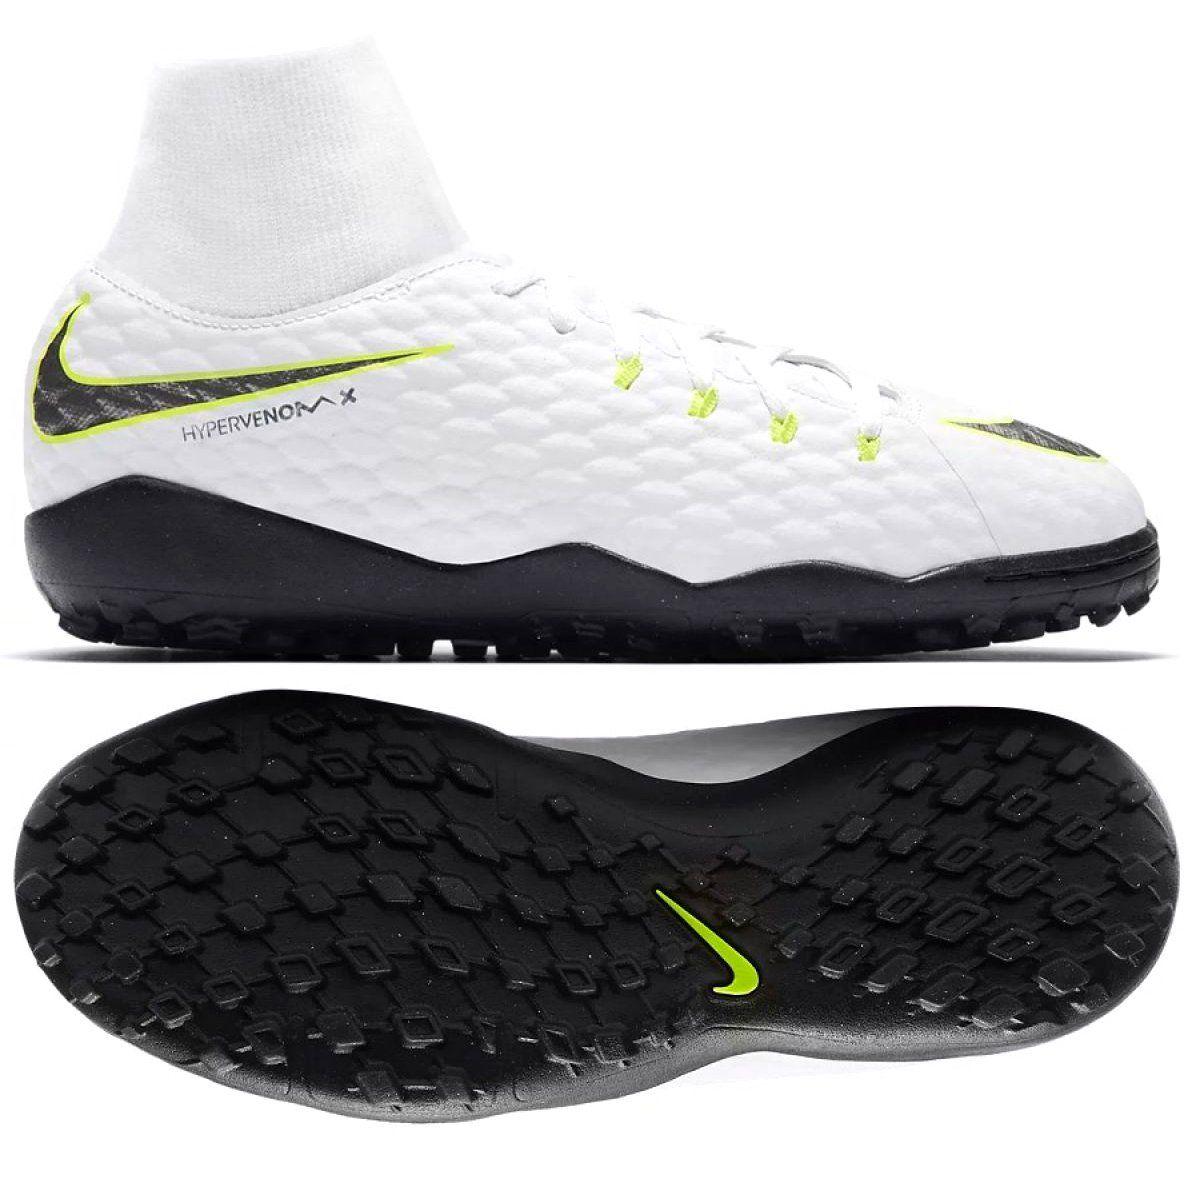 Football shoes Nike Hypervenom PhantomX